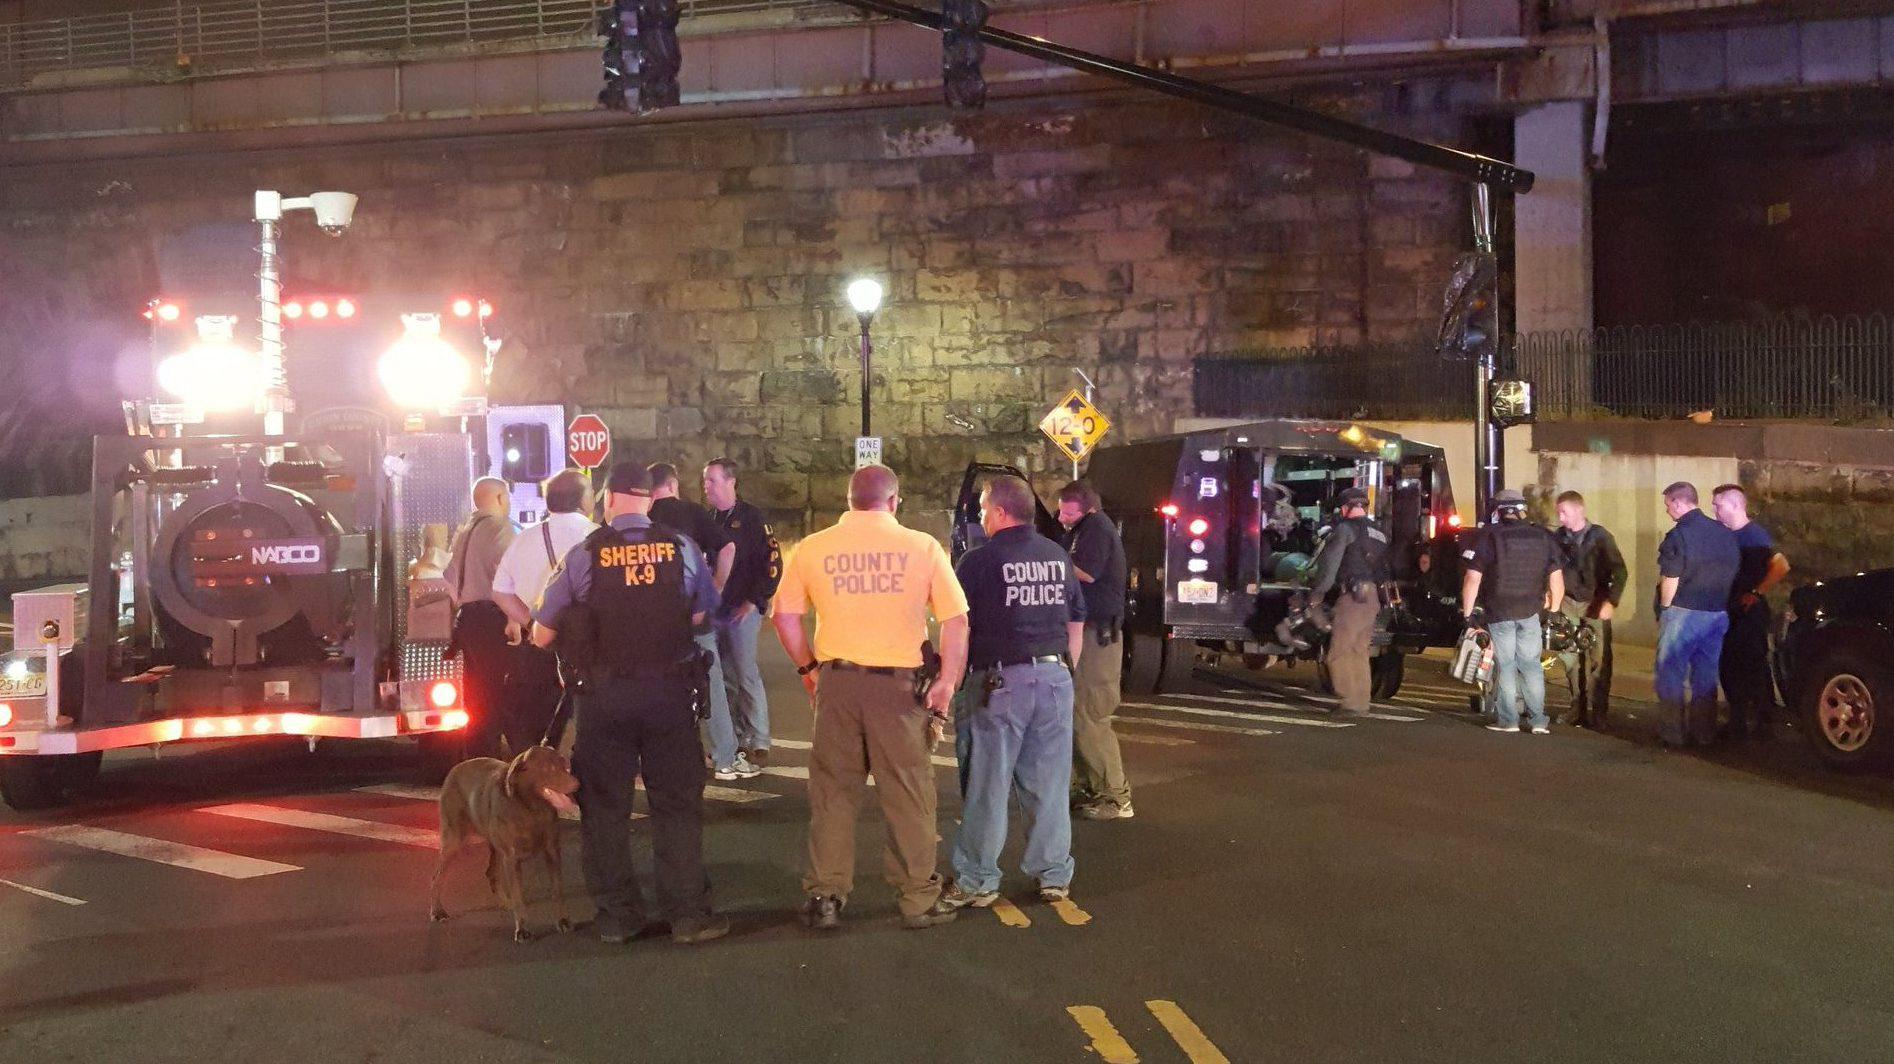 The scene in Elizabeth, New Jersey. (@MayorBollage/Twitter)